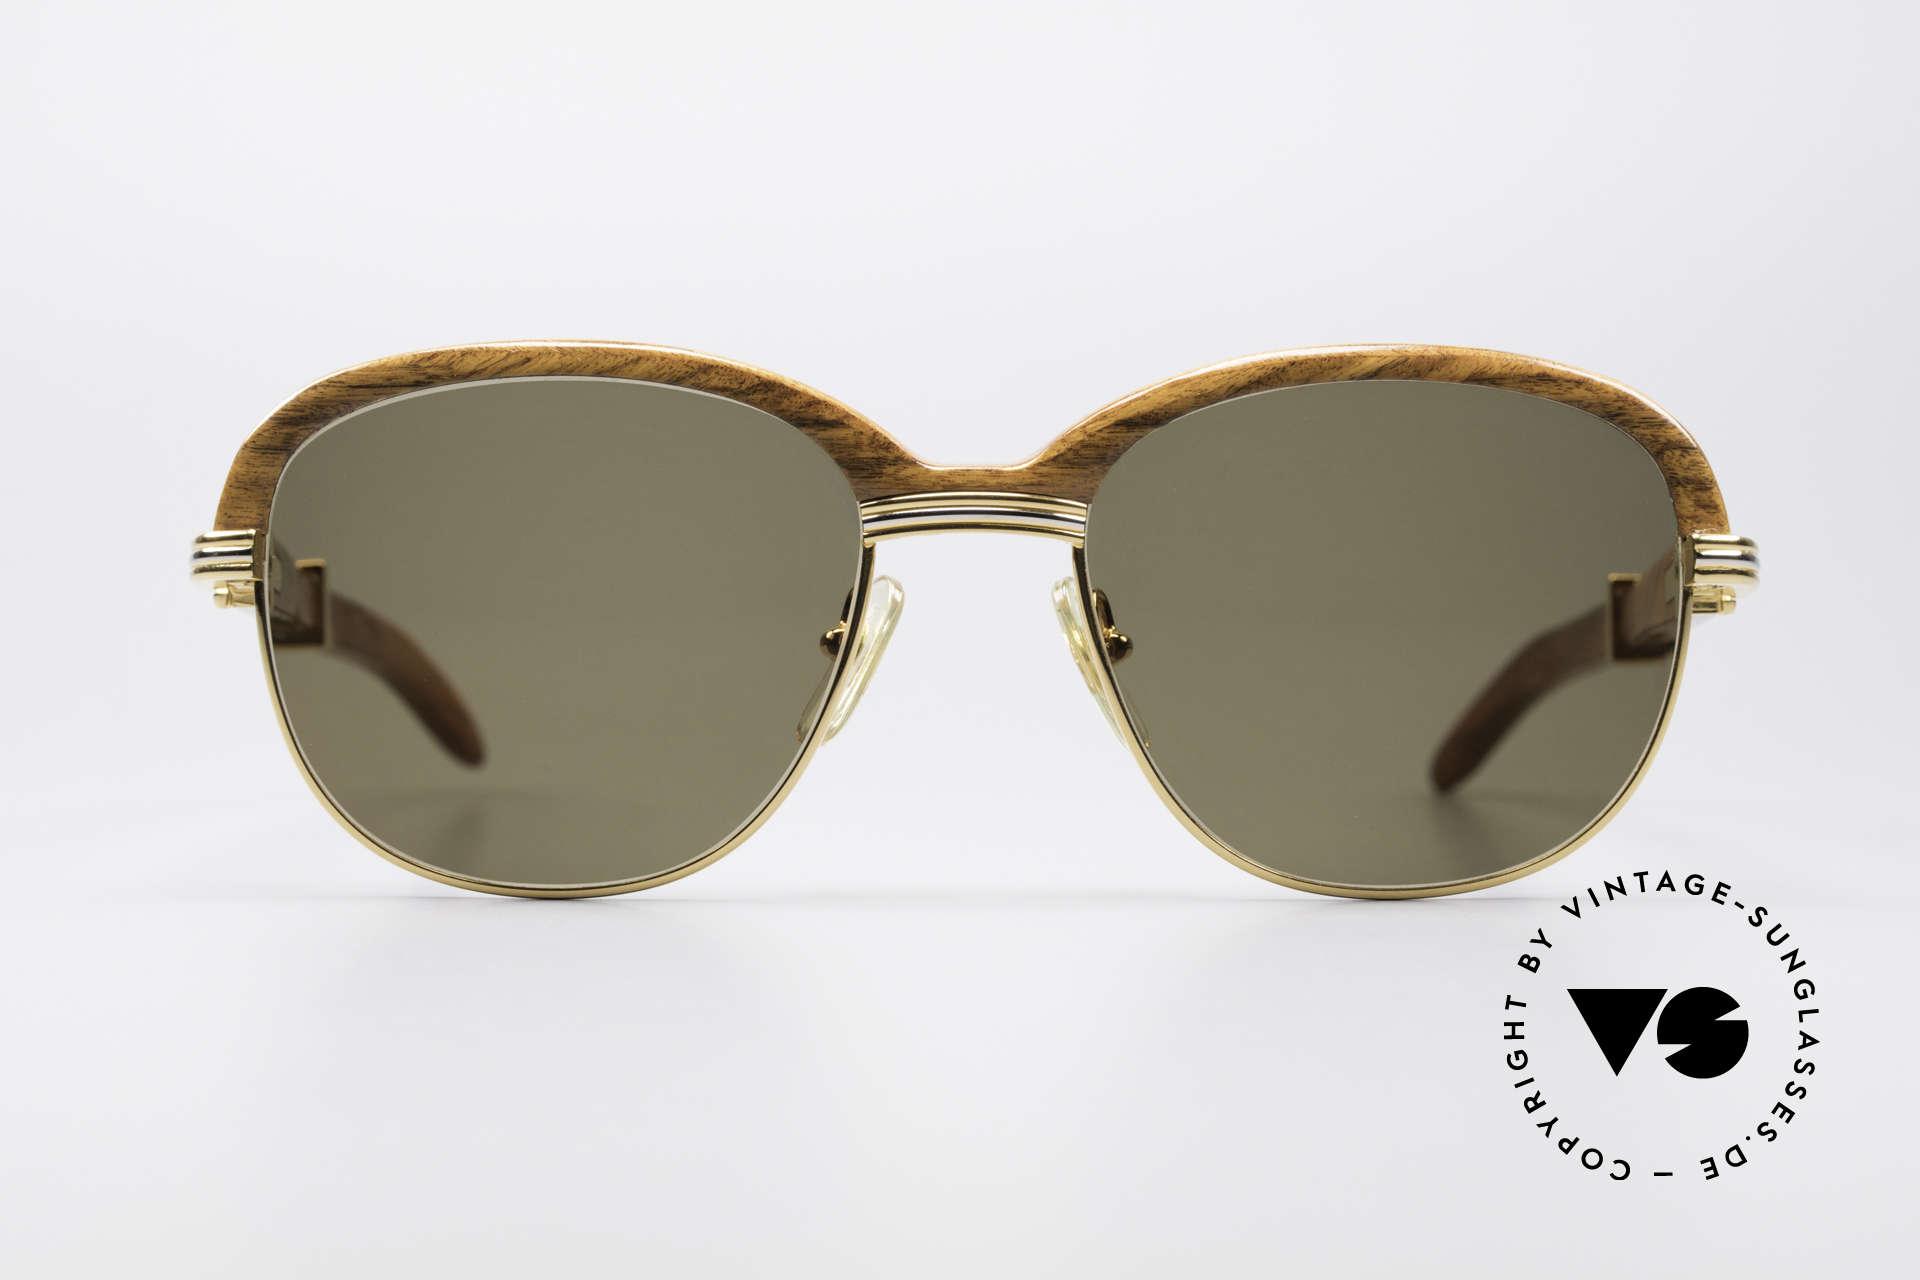 bd6d5024abcd Sunglasses Cartier Malmaison Bubinga Precious Wood Frame